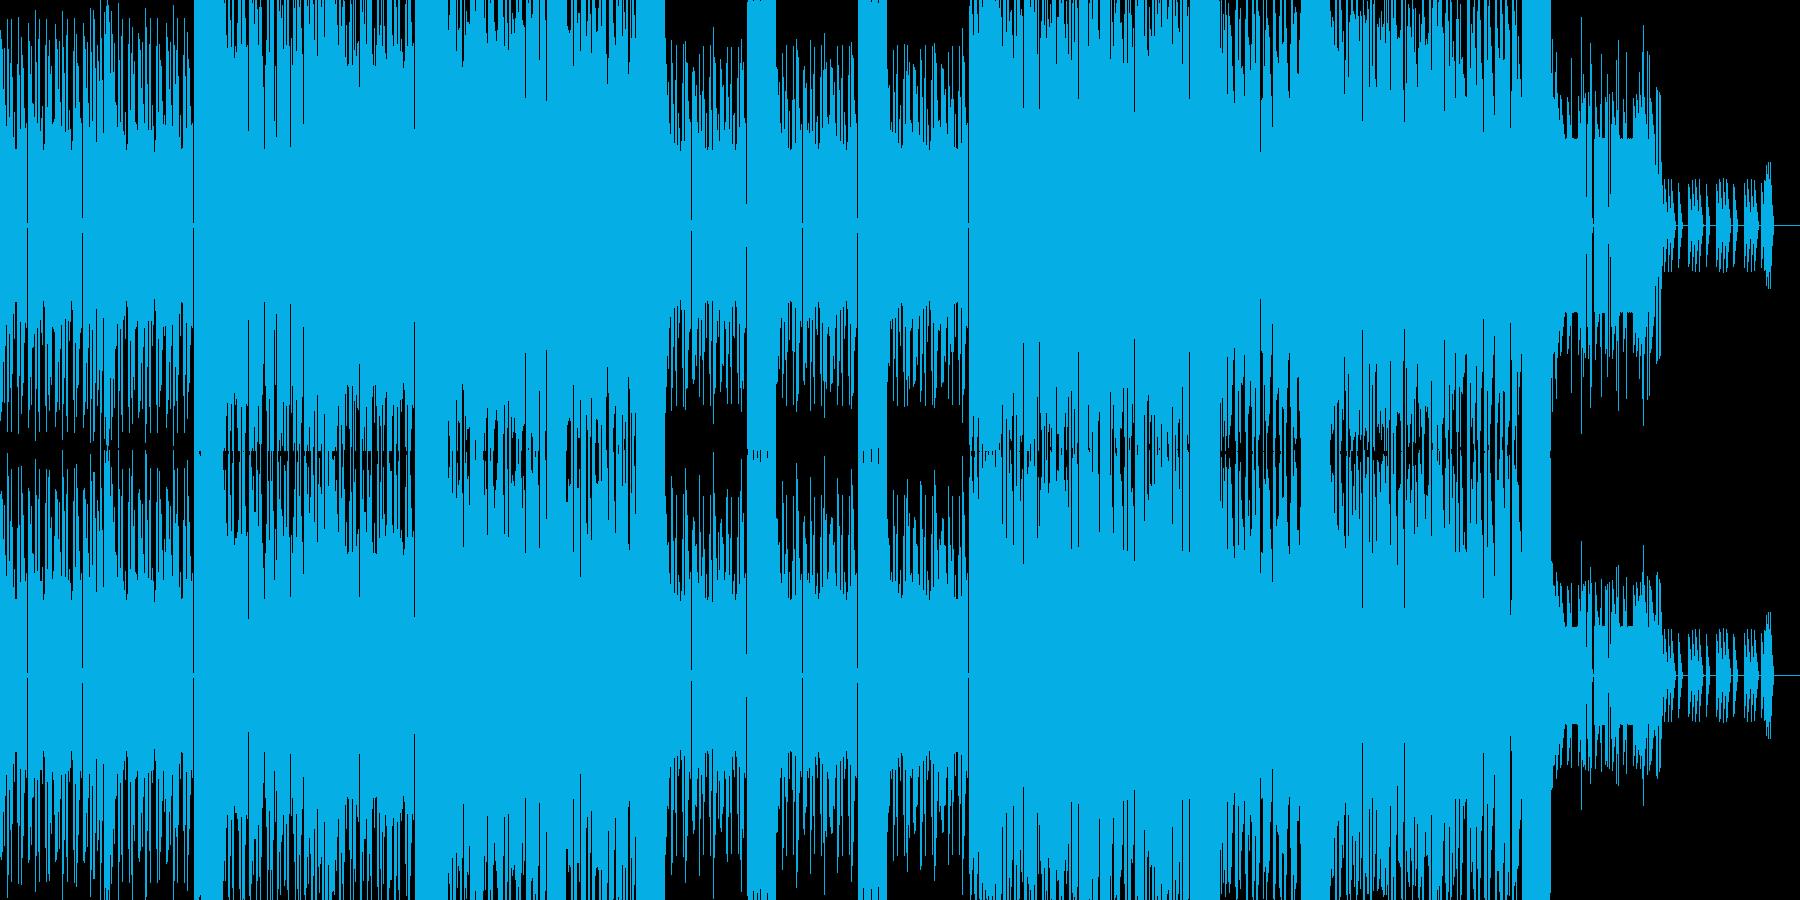 ポップなダンス風8bitチップチューンの再生済みの波形